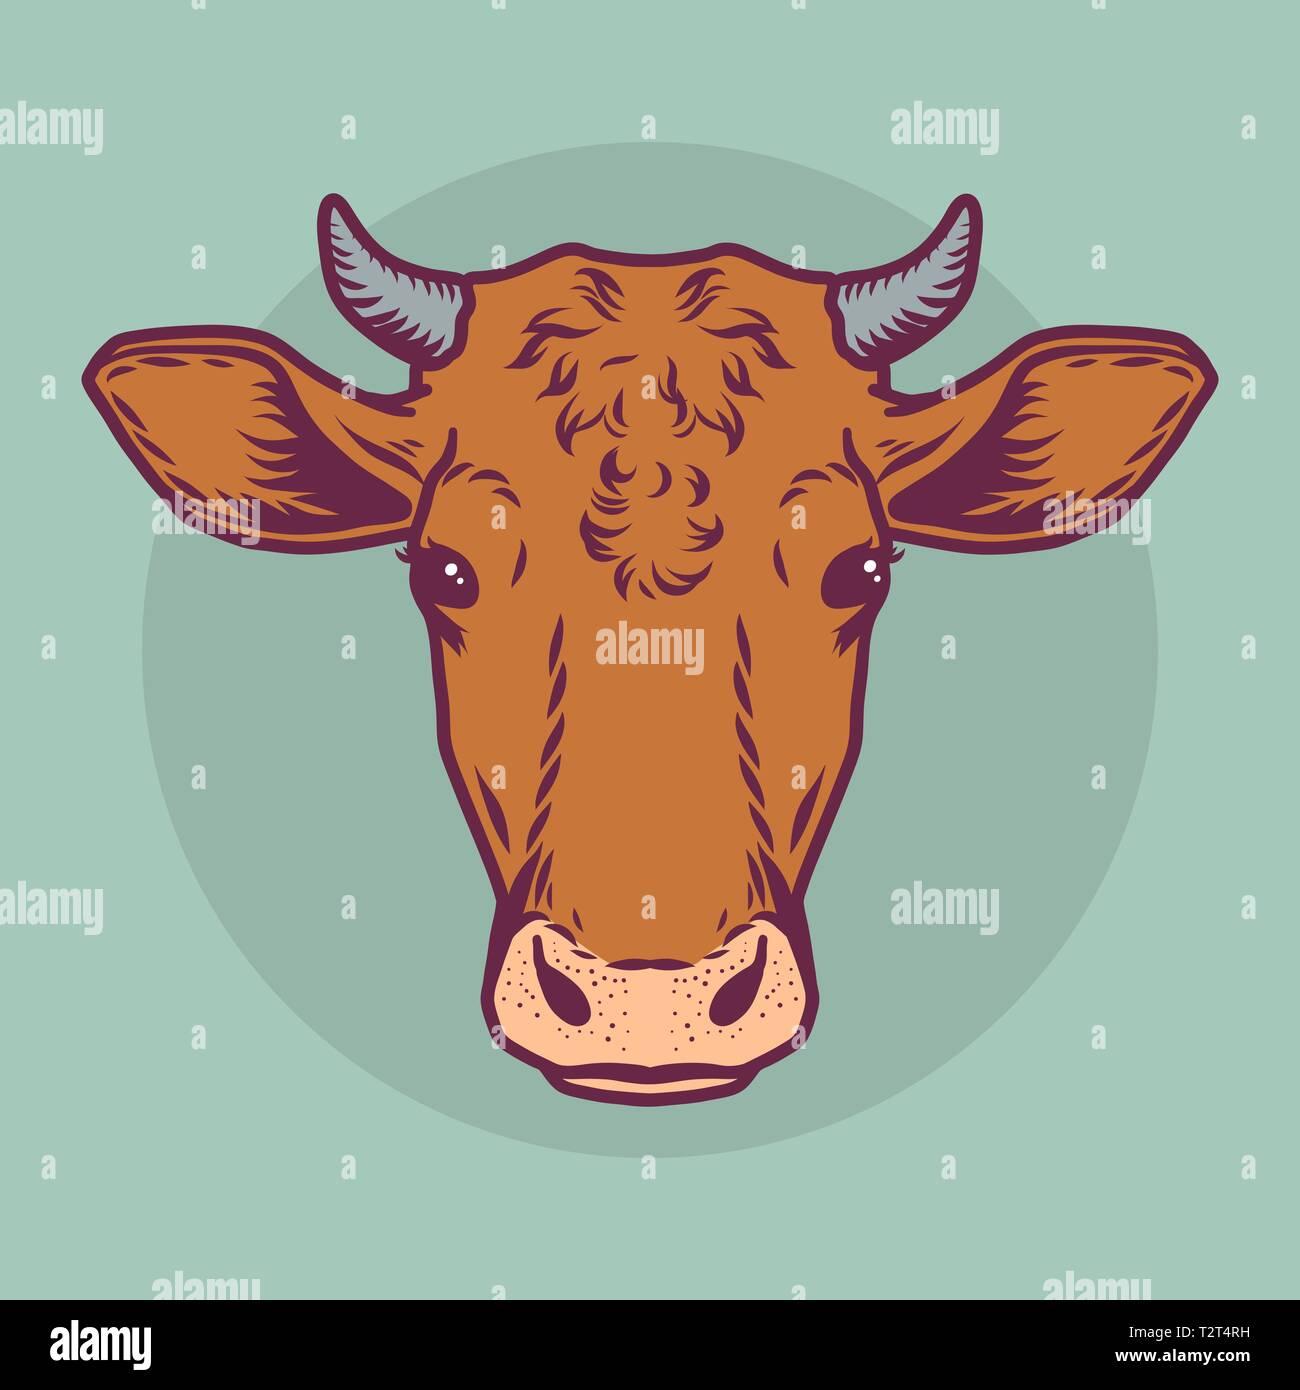 Cabeza De Vaca Marrón Icono Cartoon Ny Dibujado Ilustración De